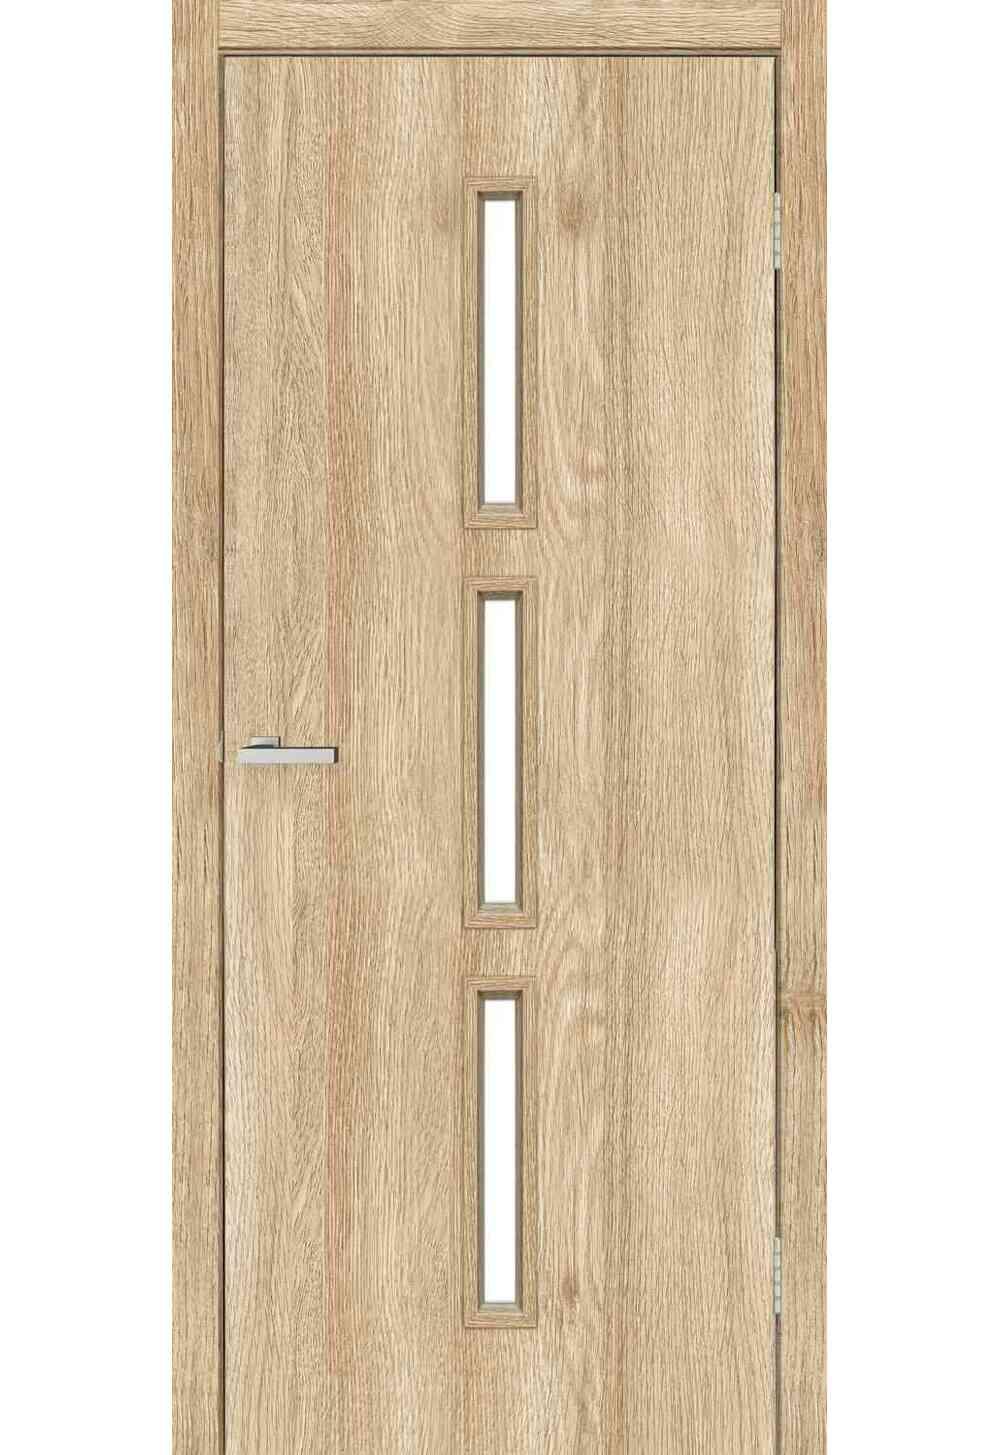 Купити Двері міжкімнатні OMiC Техно Т03 ПО (NL Дуб Саванна), 700x2000